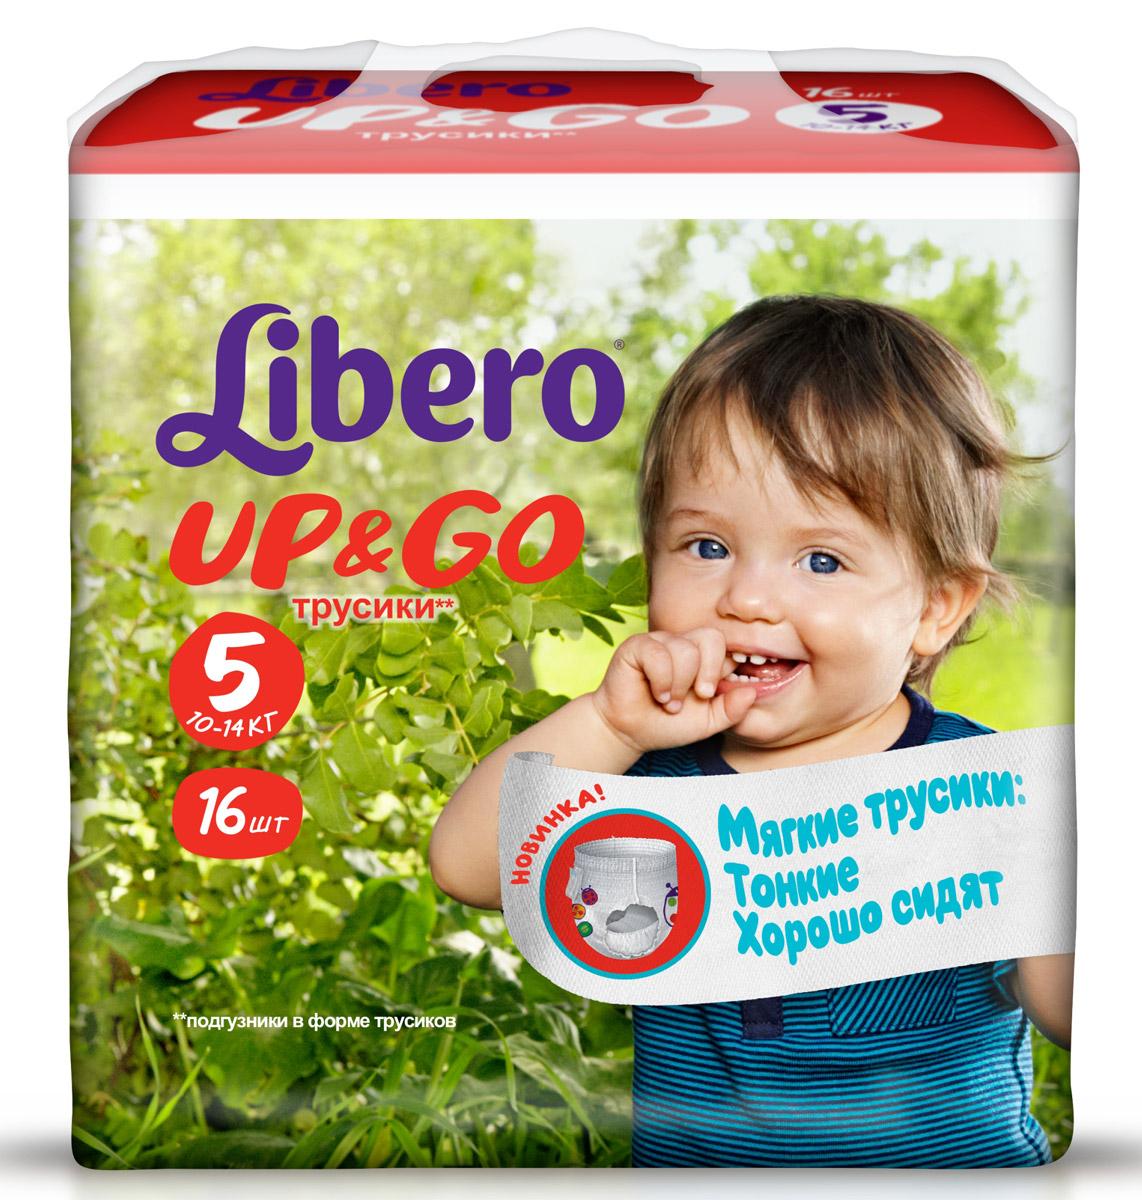 Самые удобные трусики для малышей от Libero